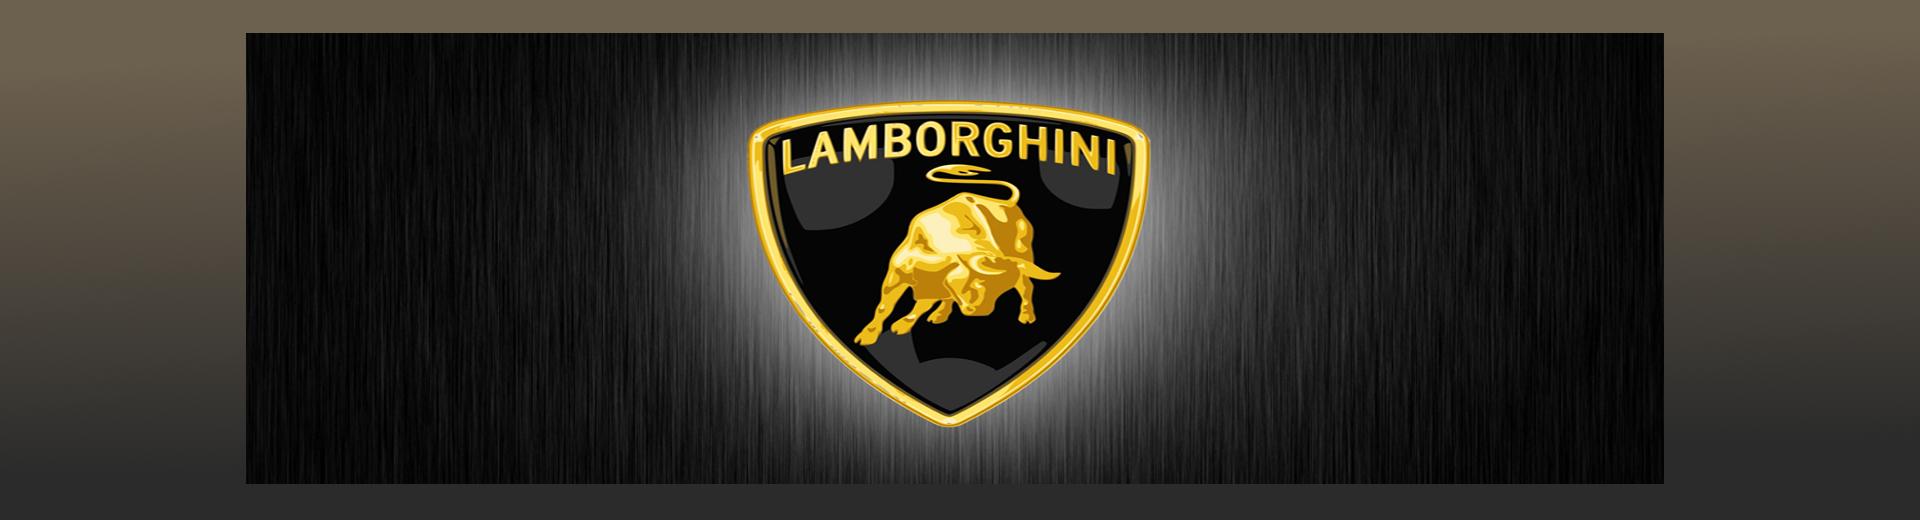 Lamborghini Duvar Kağıdı